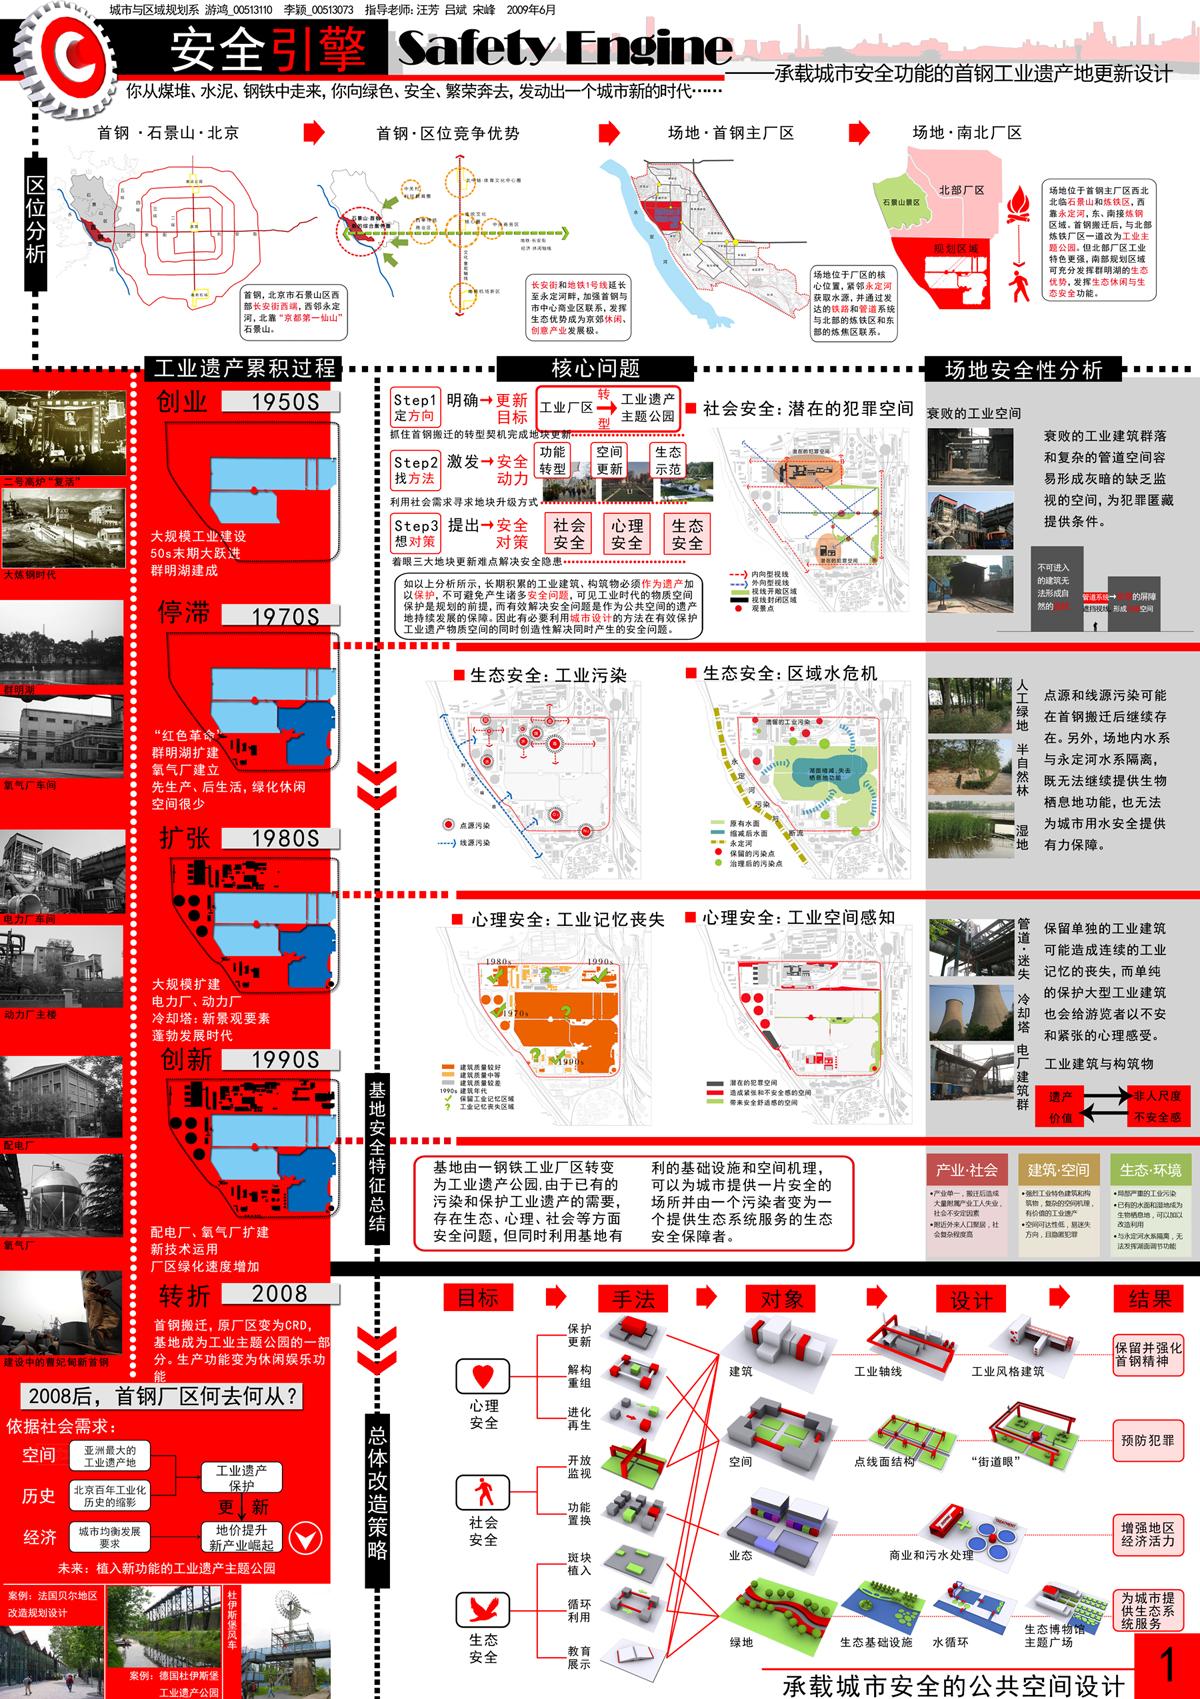 城市设计竞赛_cad图纸下载-土木在线